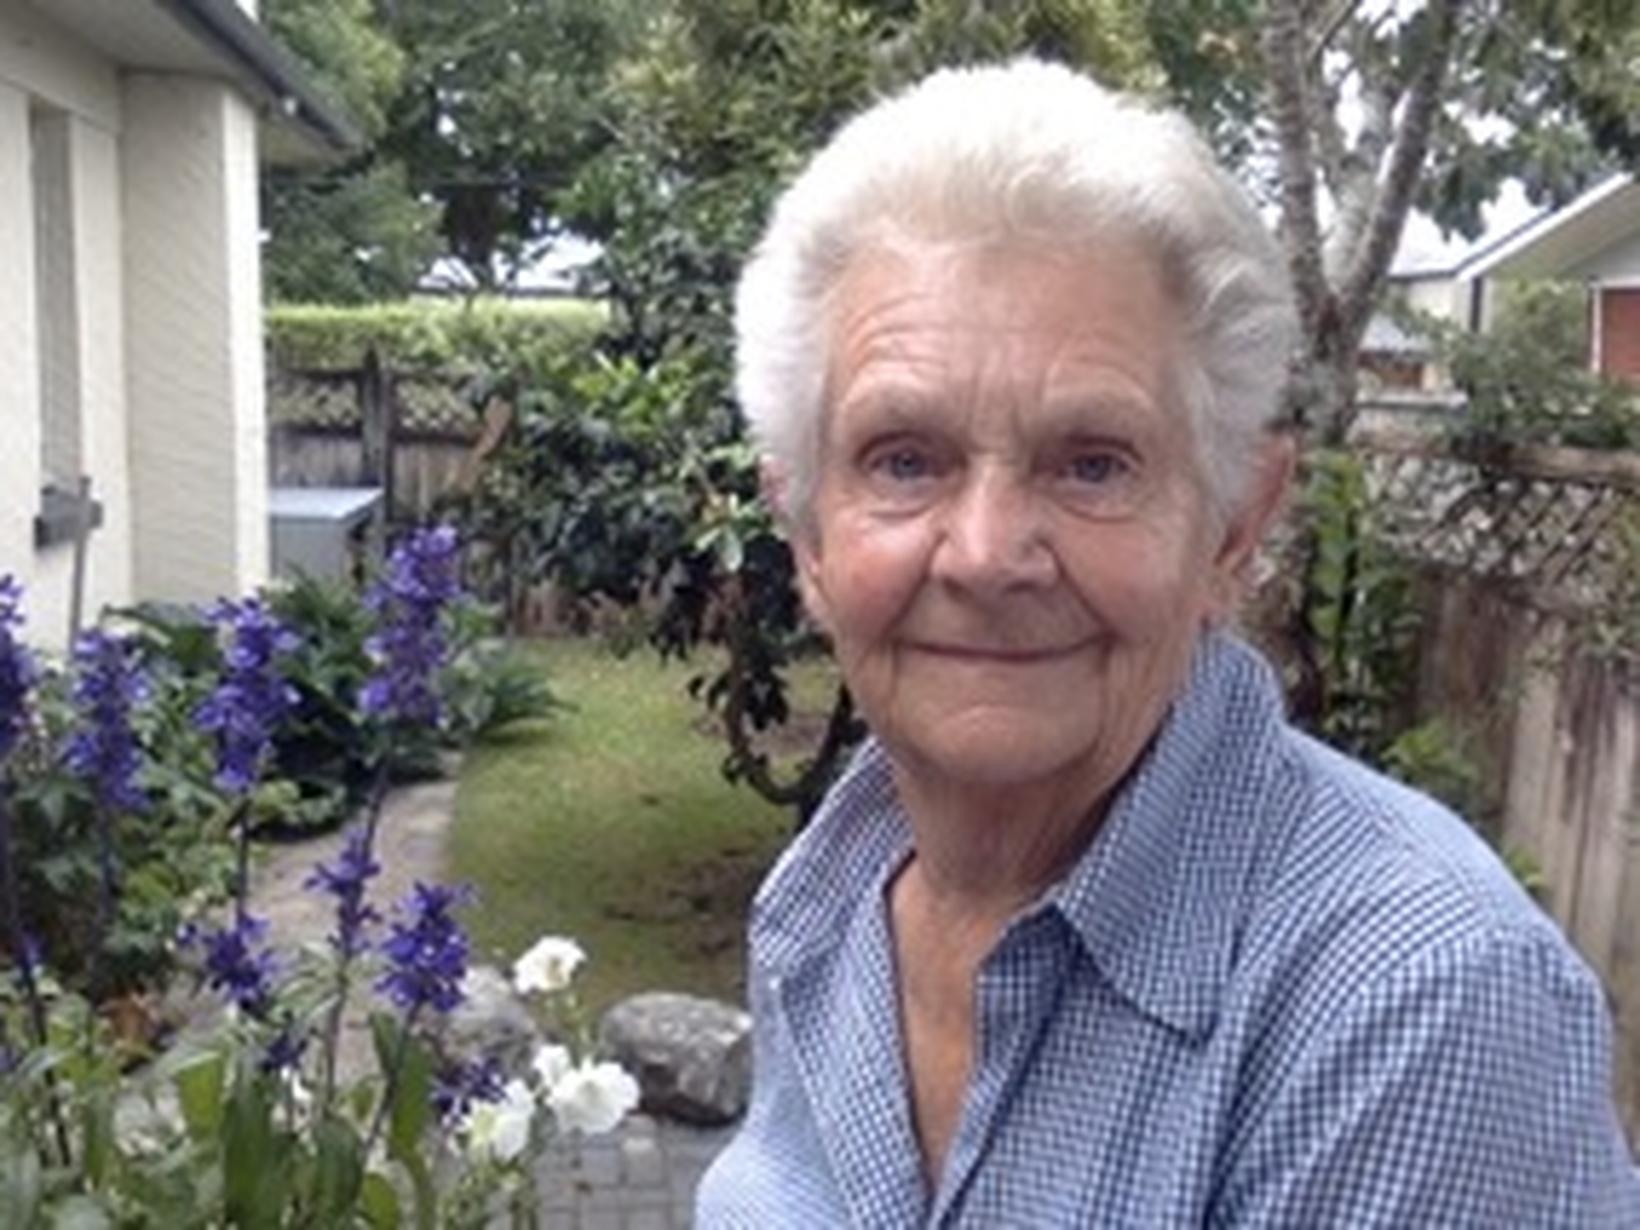 Pat from Tauranga, New Zealand